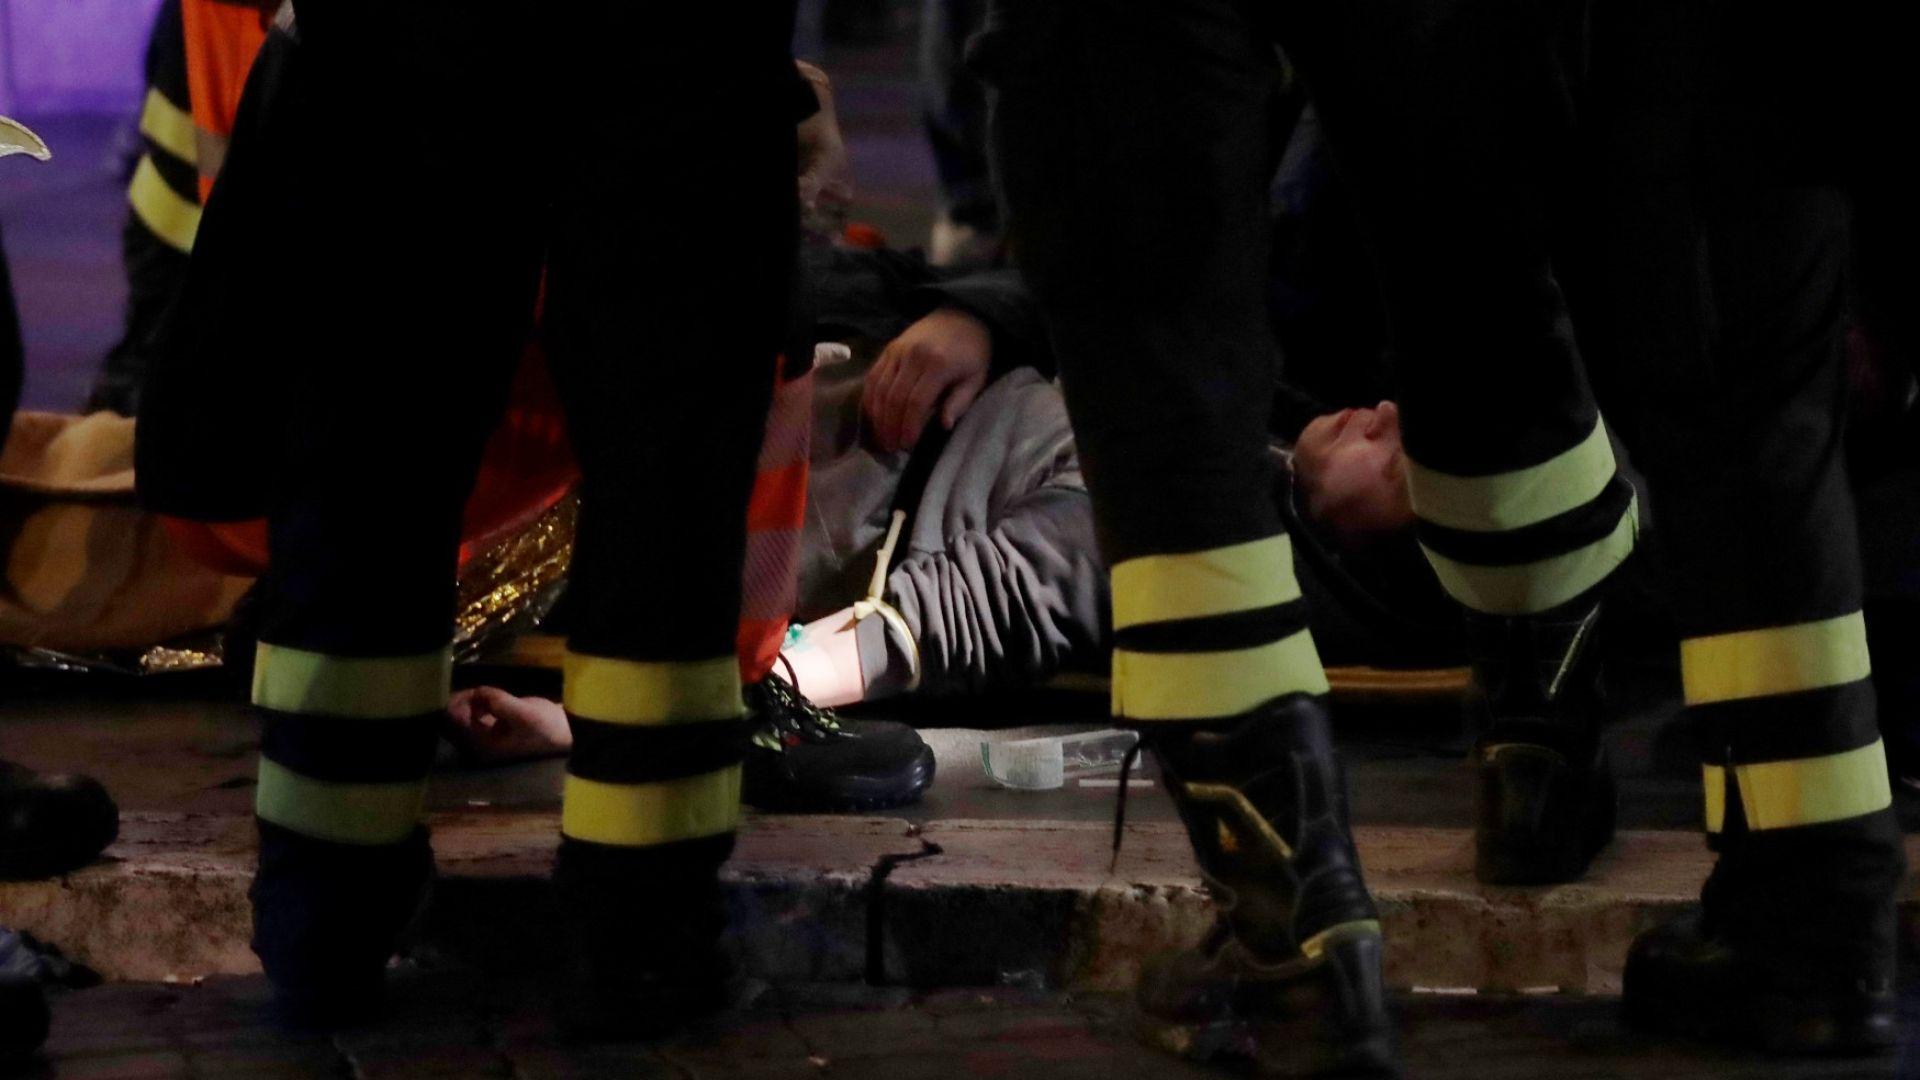 24-ма са ранените при инцидента с ескалатор в Рим, повечето са руснаци